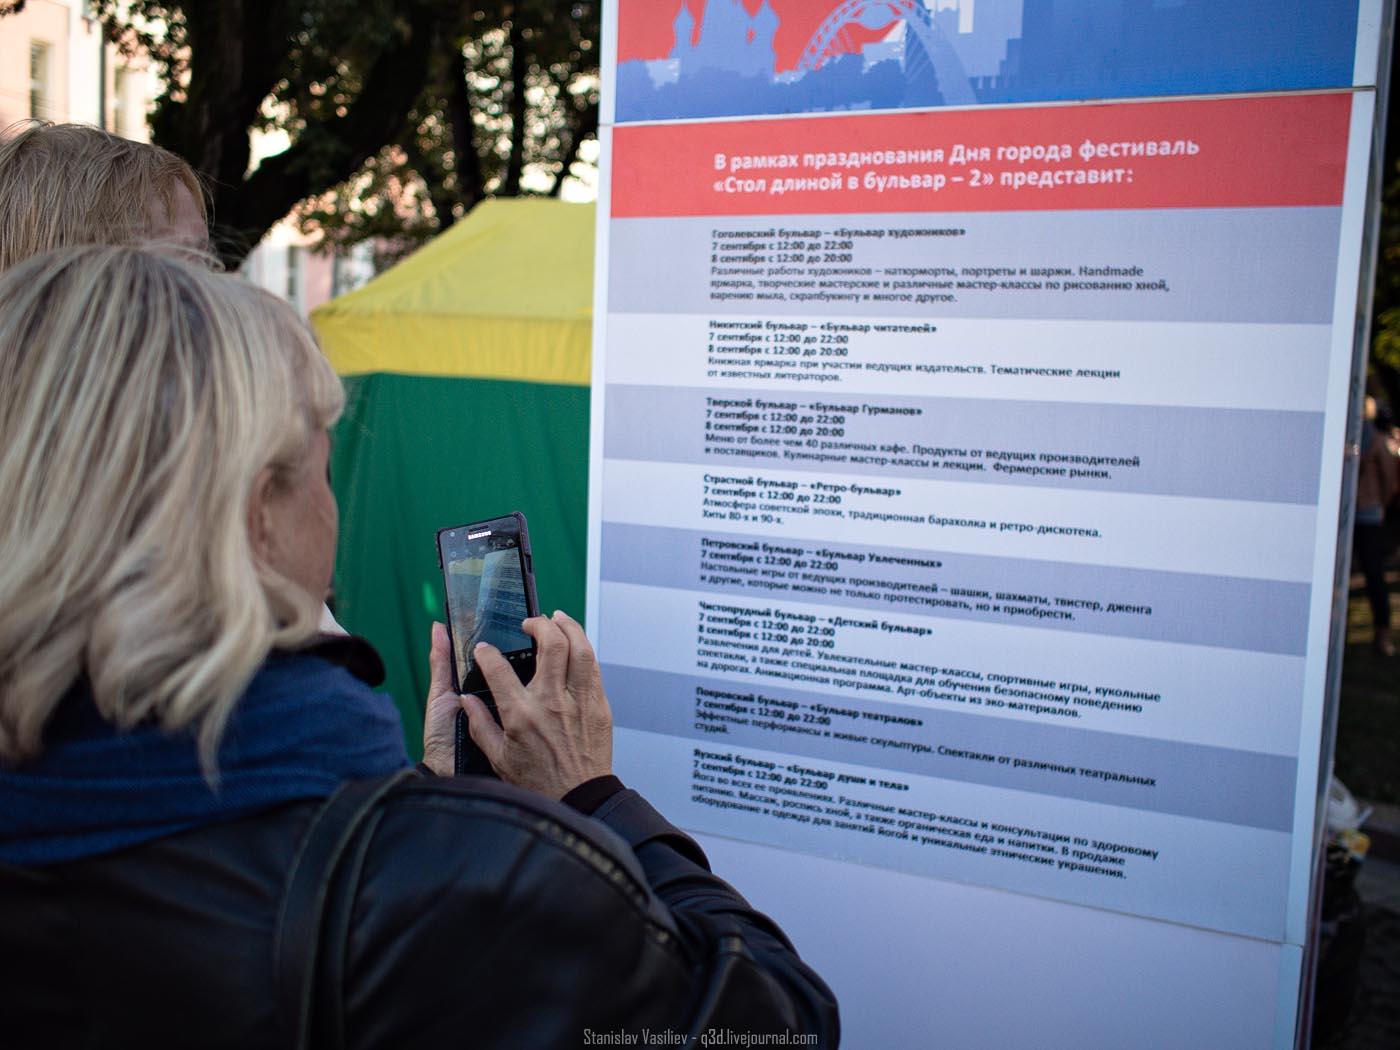 День города - Москва - 2013 - #019